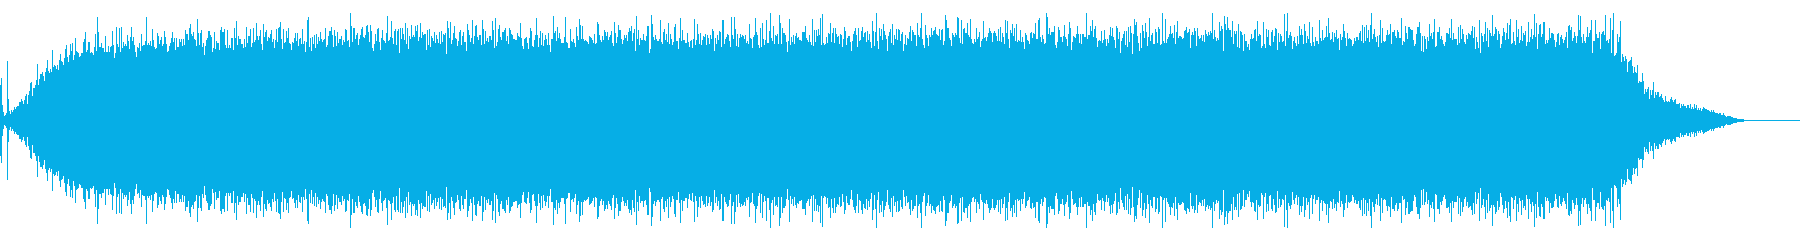 【生録音】ヘアドライヤーの音 2の再生済みの波形